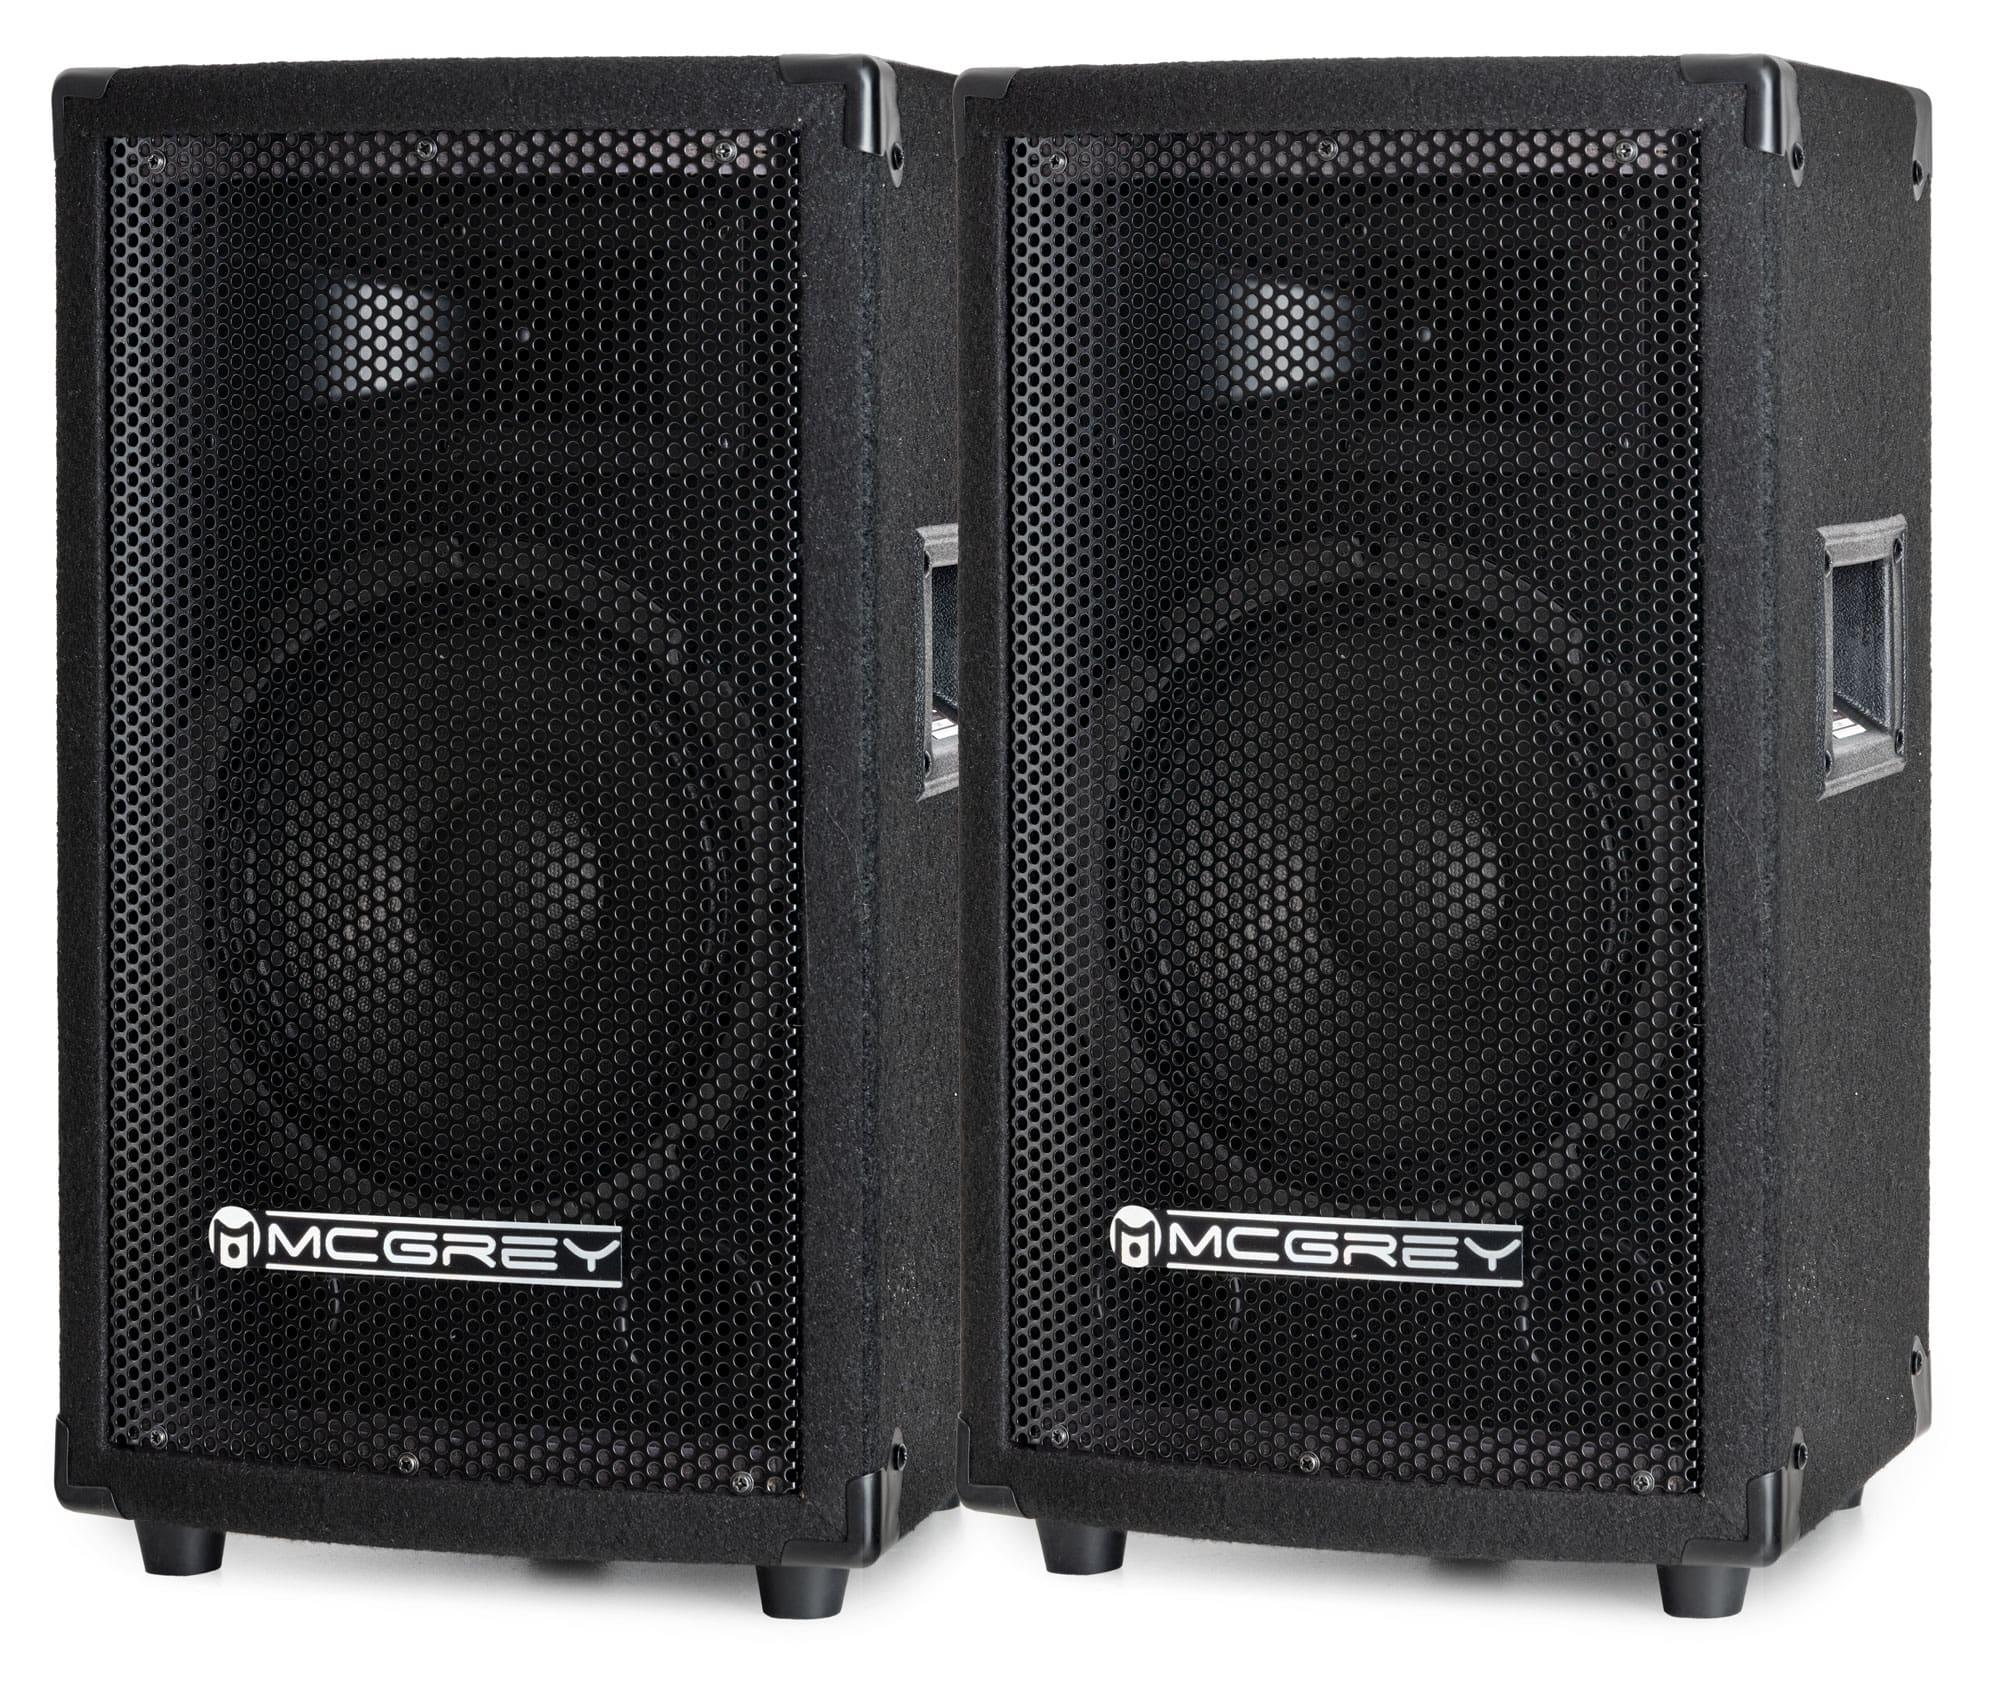 McGrey TP 8 DJ Partybox Lautsprecherbox 2x300W Sparangebot!